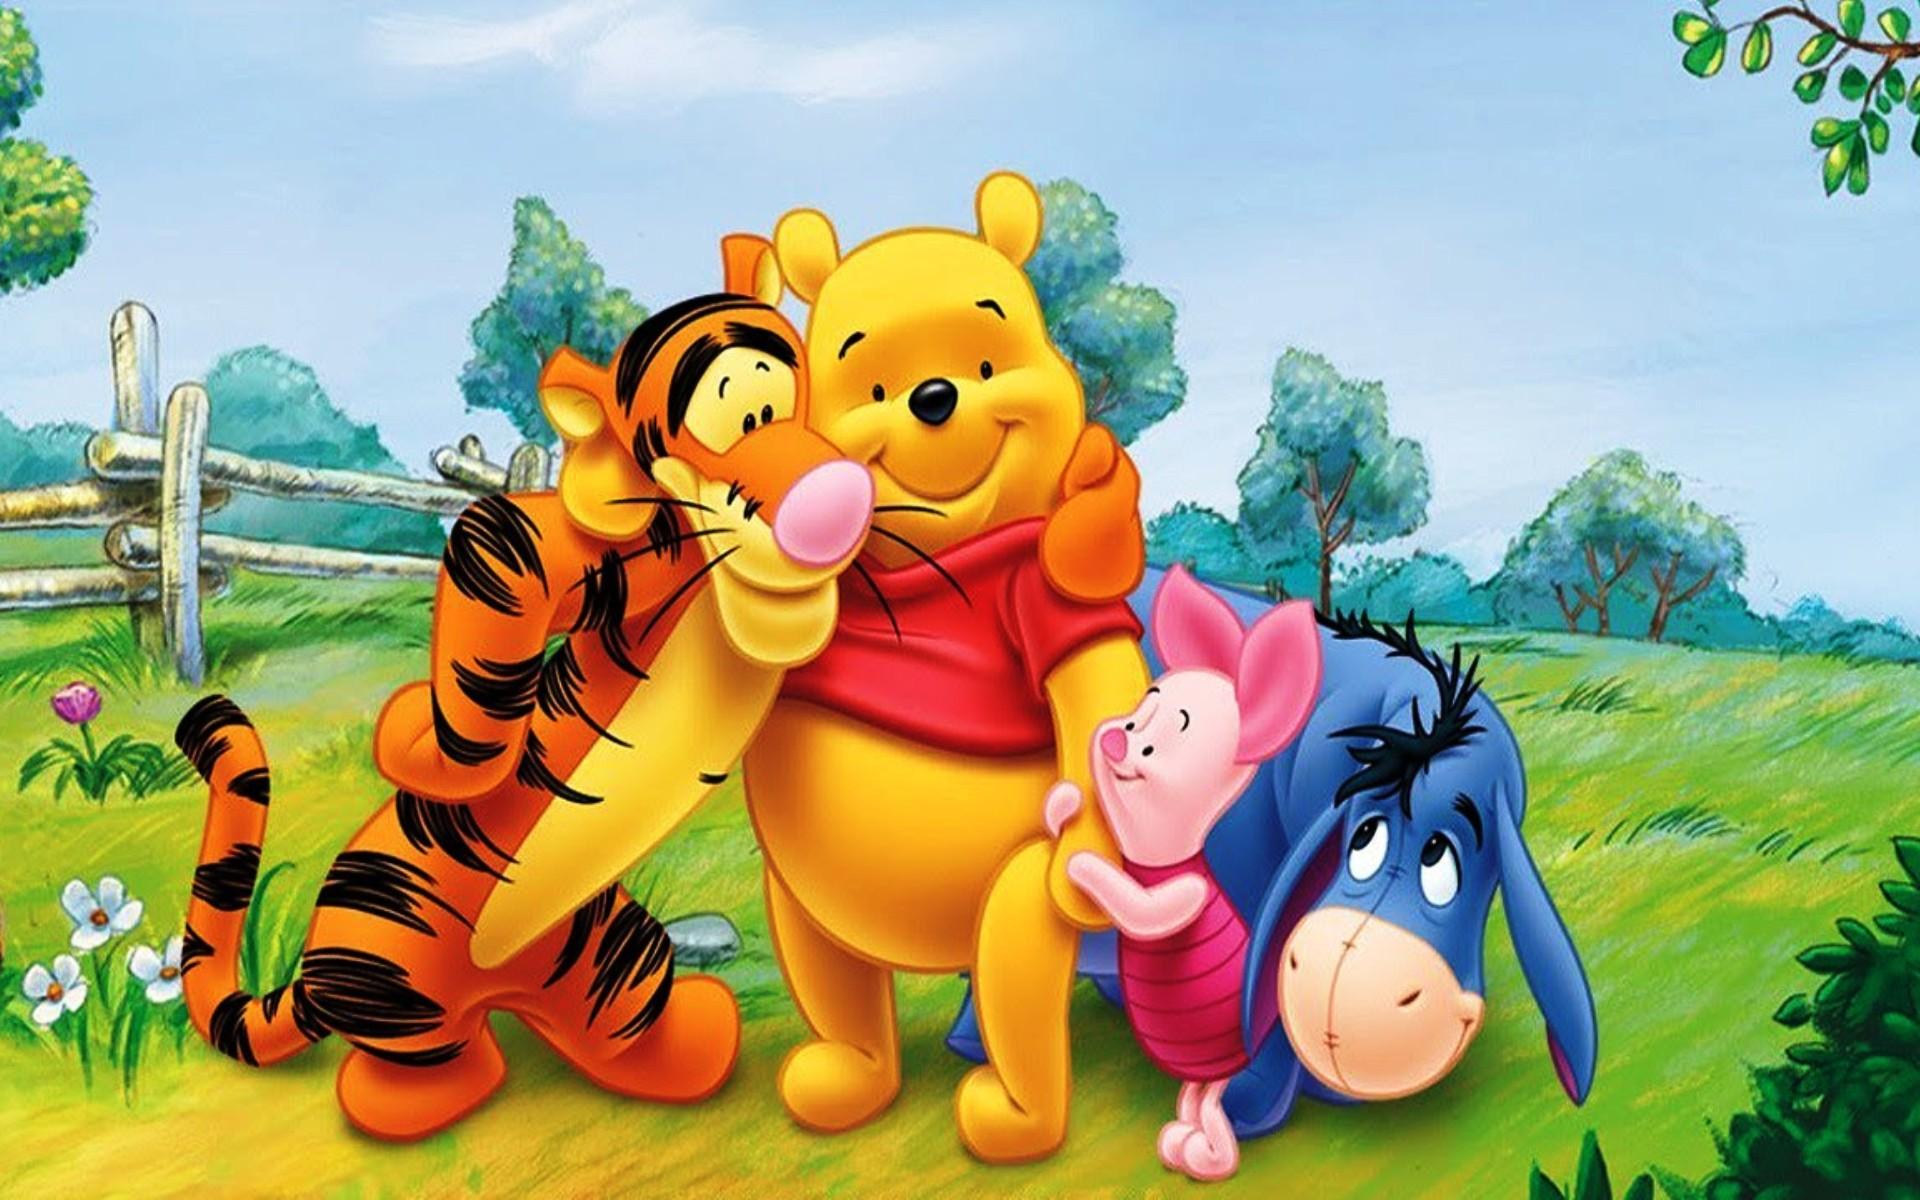 Картинка Винни Пух и его друзья » Мультики » Картинки 24 ...